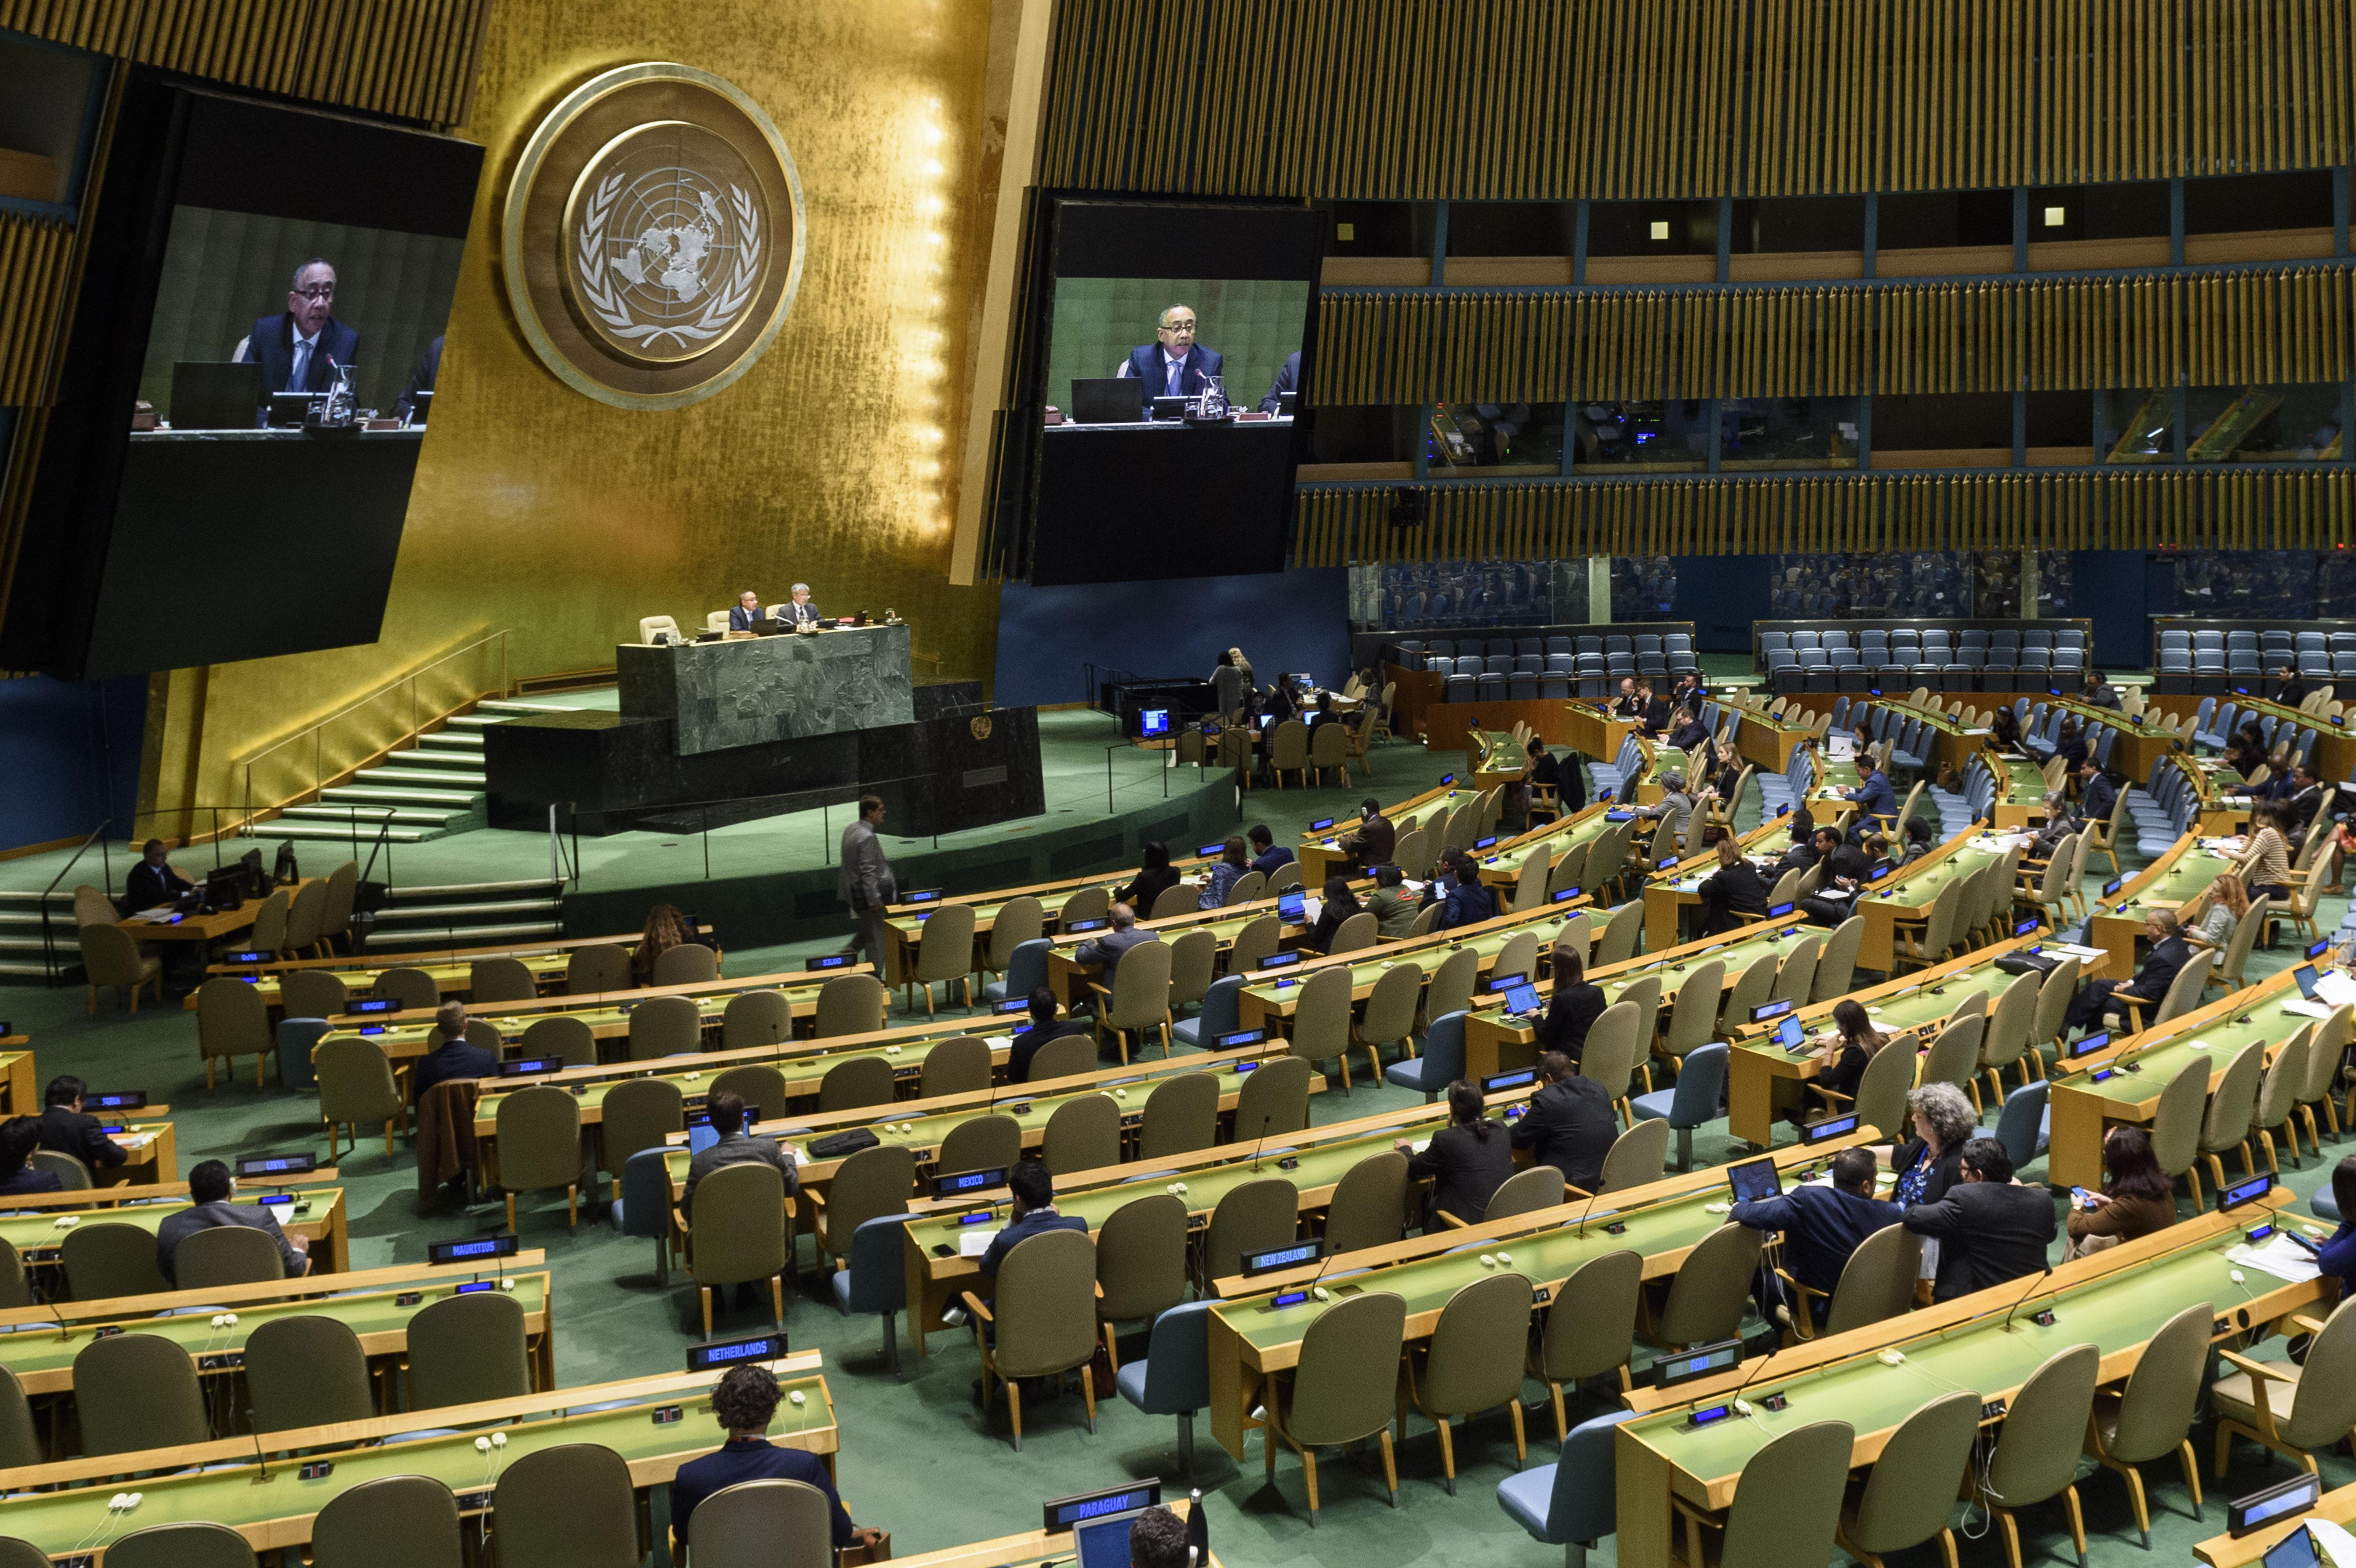 Ferme soutien au Plan d'autonomie au Sahara